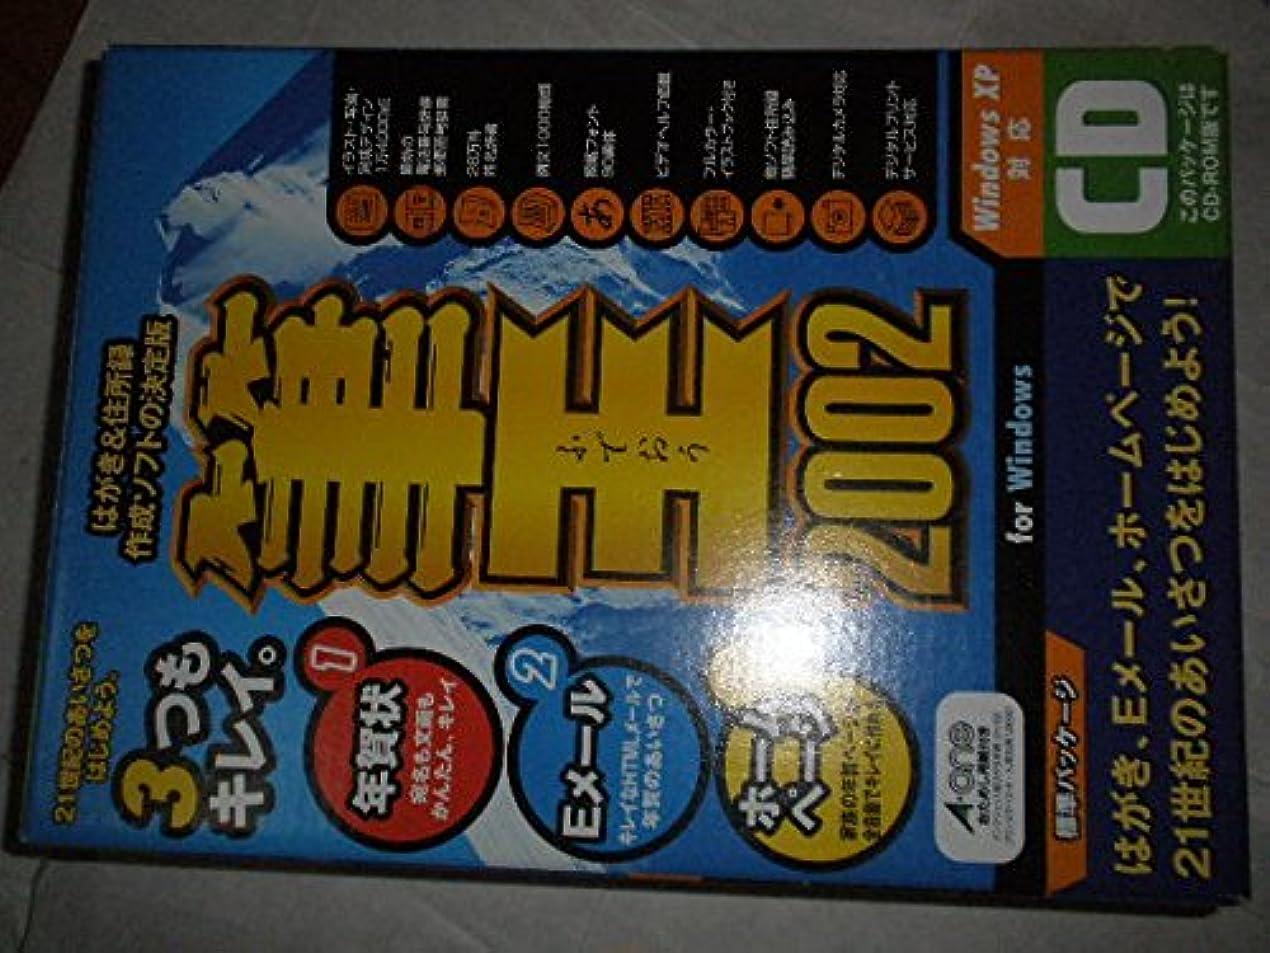 ピッチ着服まさに筆王2002 for windows (CD-ROM)